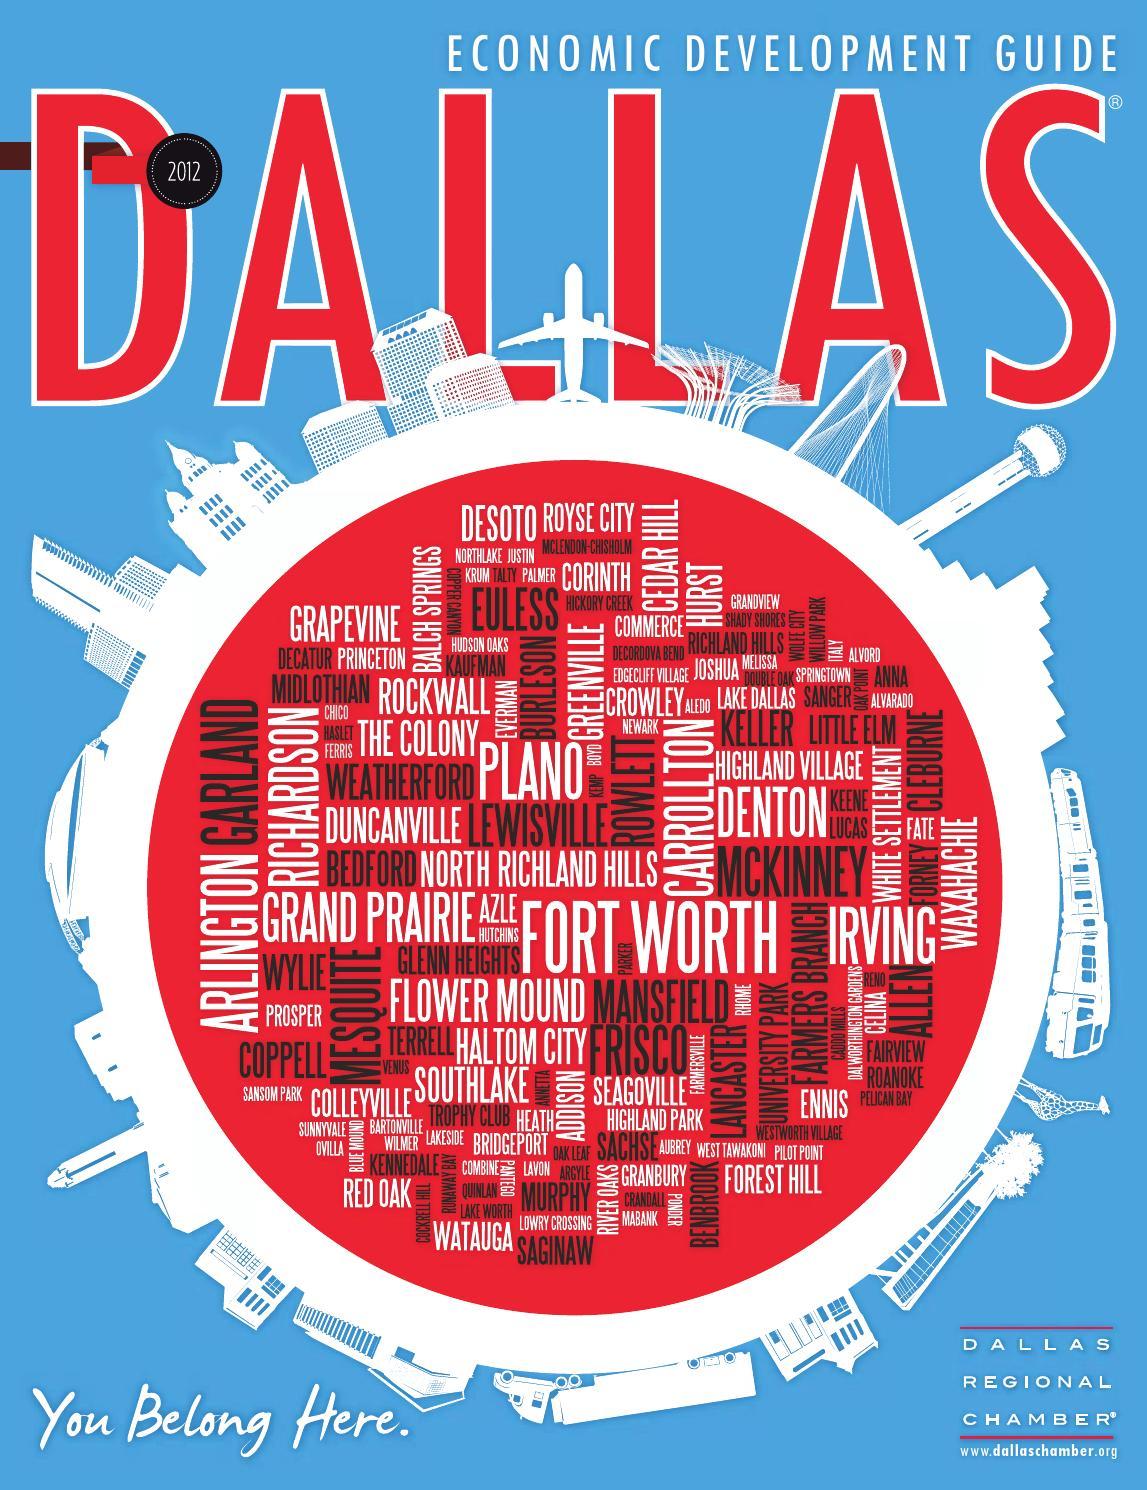 dallas economic development guide 2012 by dallas regional chamber